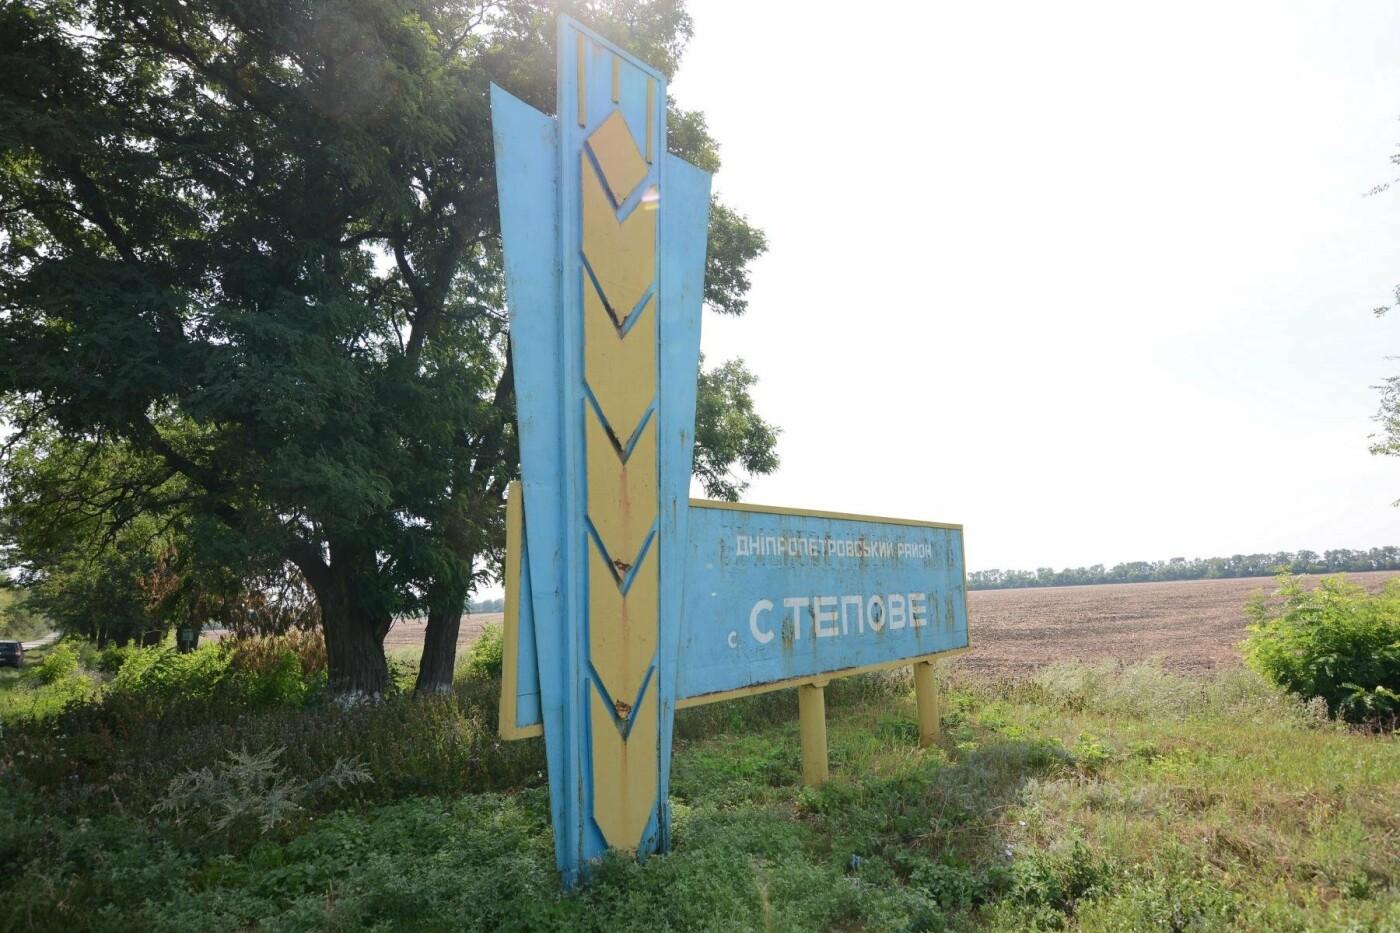 Каменское может значительно вырасти: село Степовое готово присоединиться, фото-3